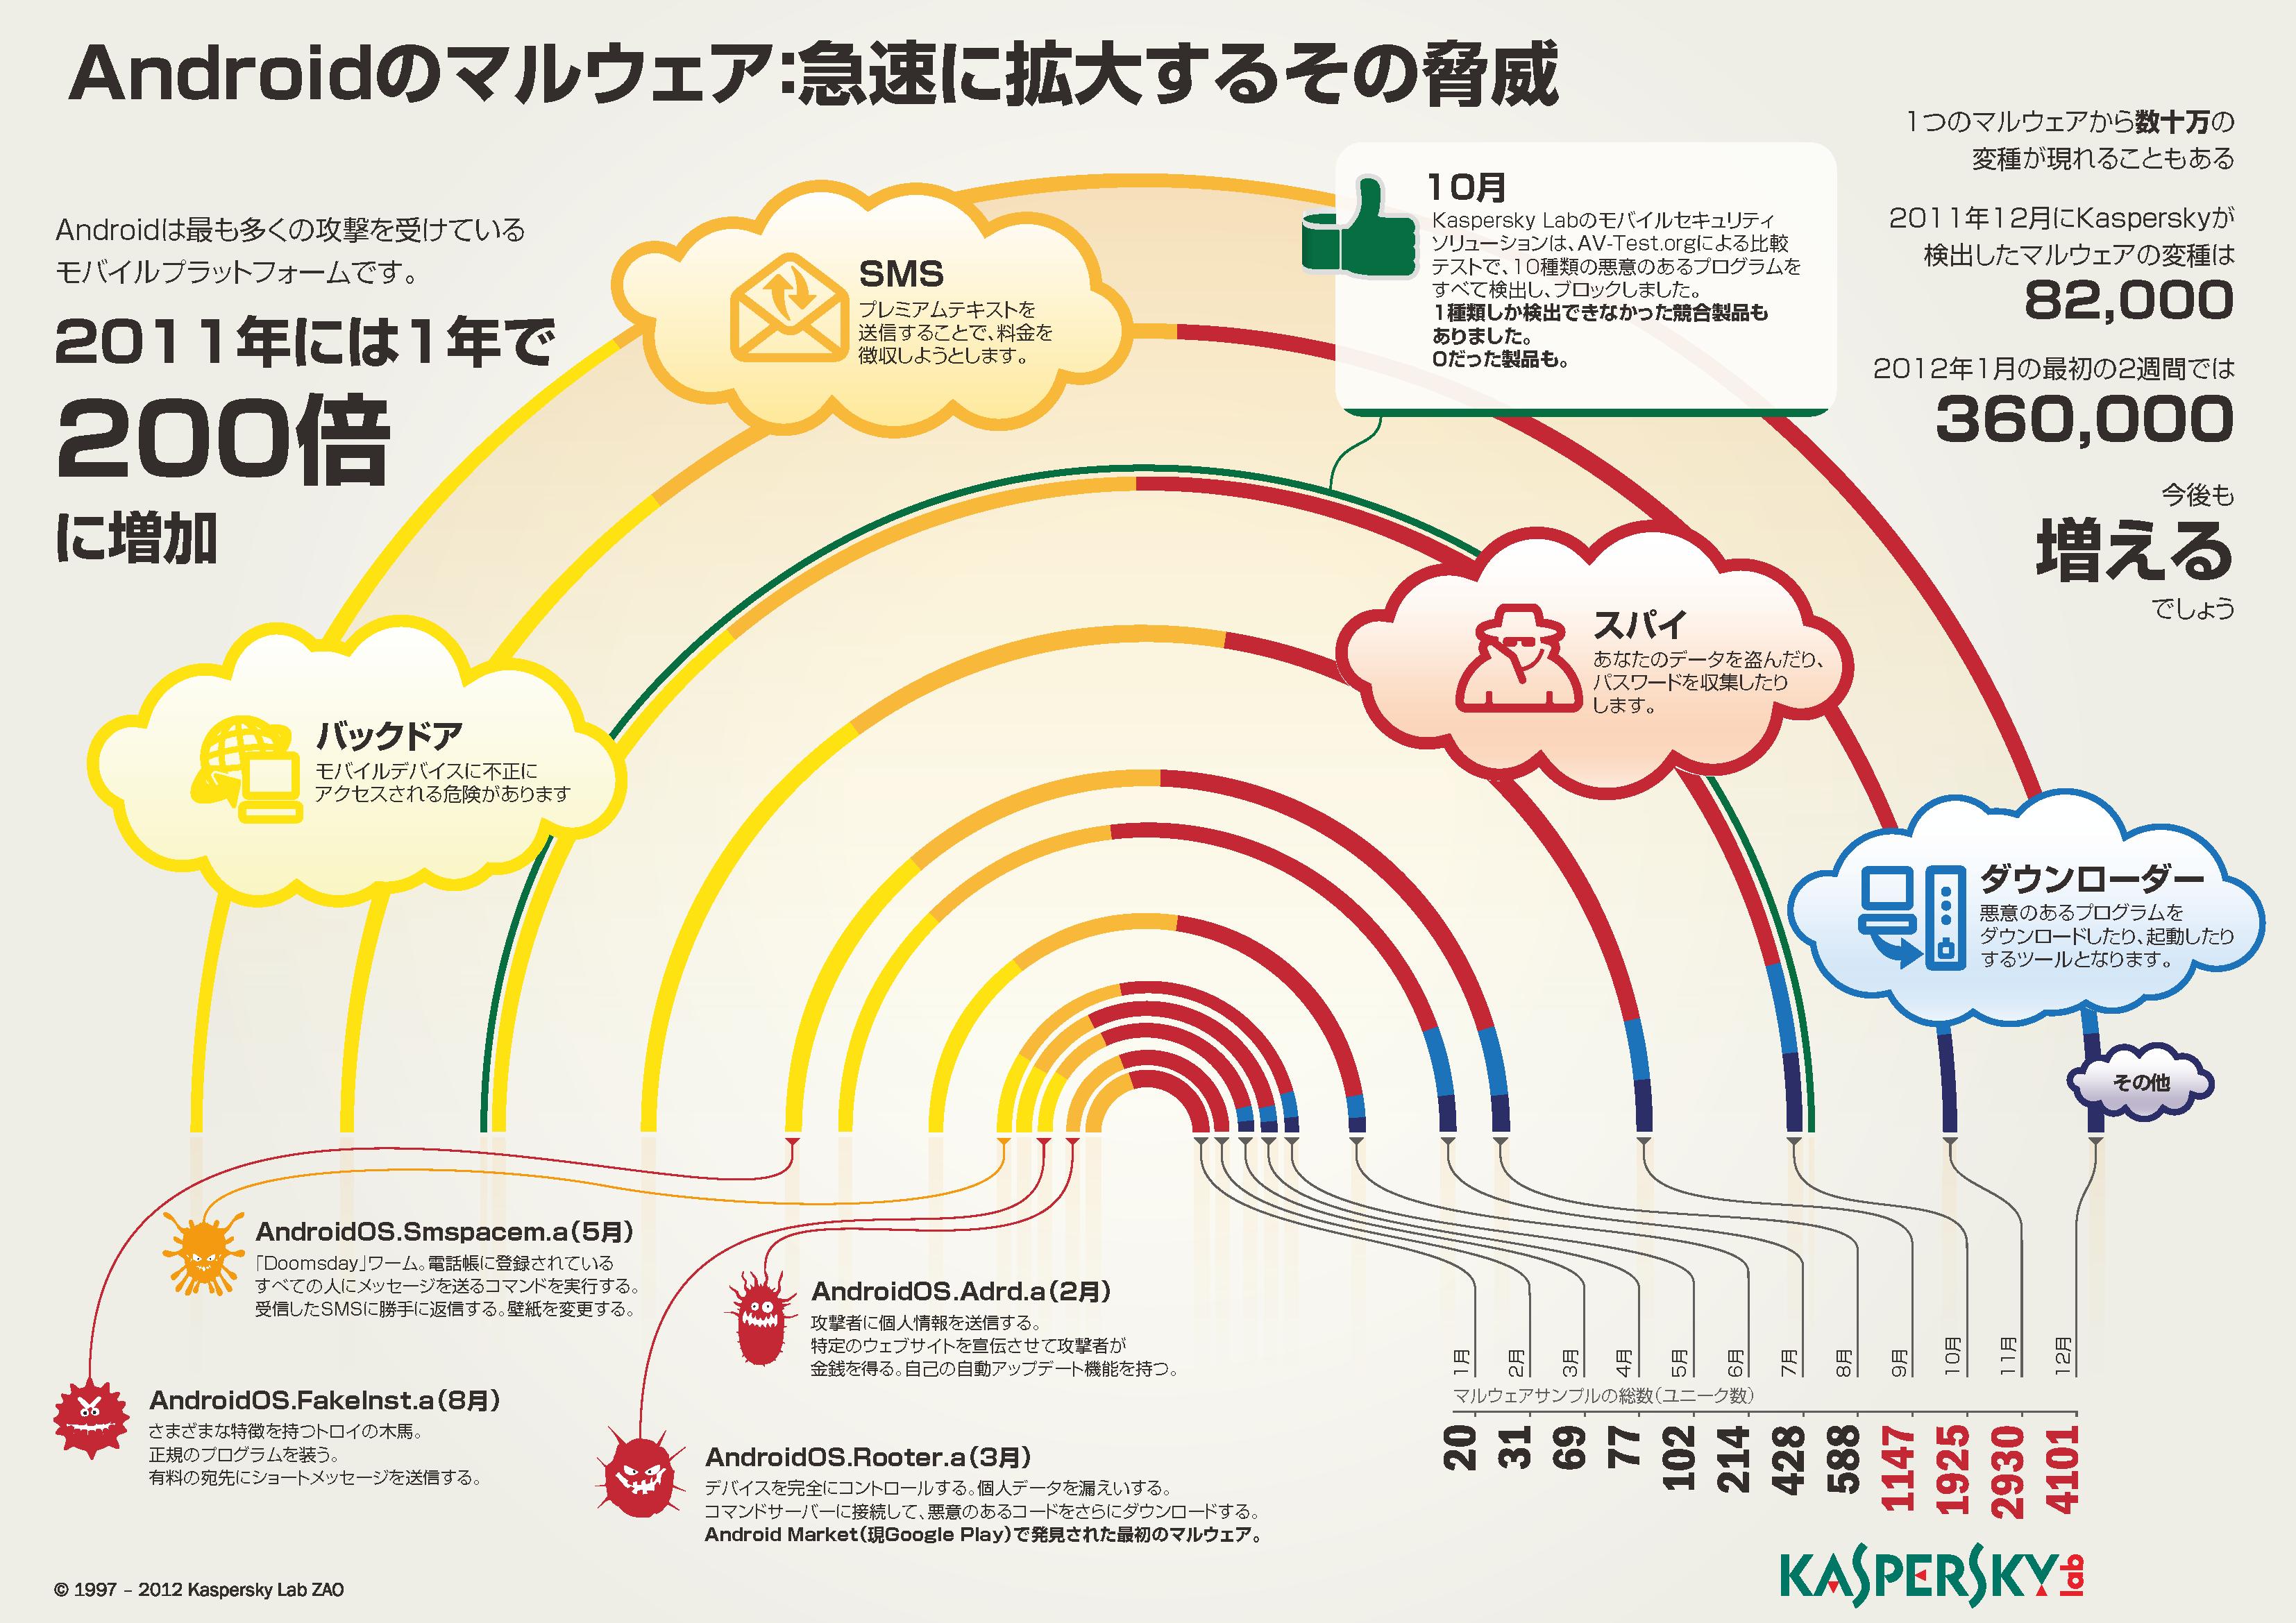 Kaspersky_Lab_Infographics_Android_Malware_Growth_JA2